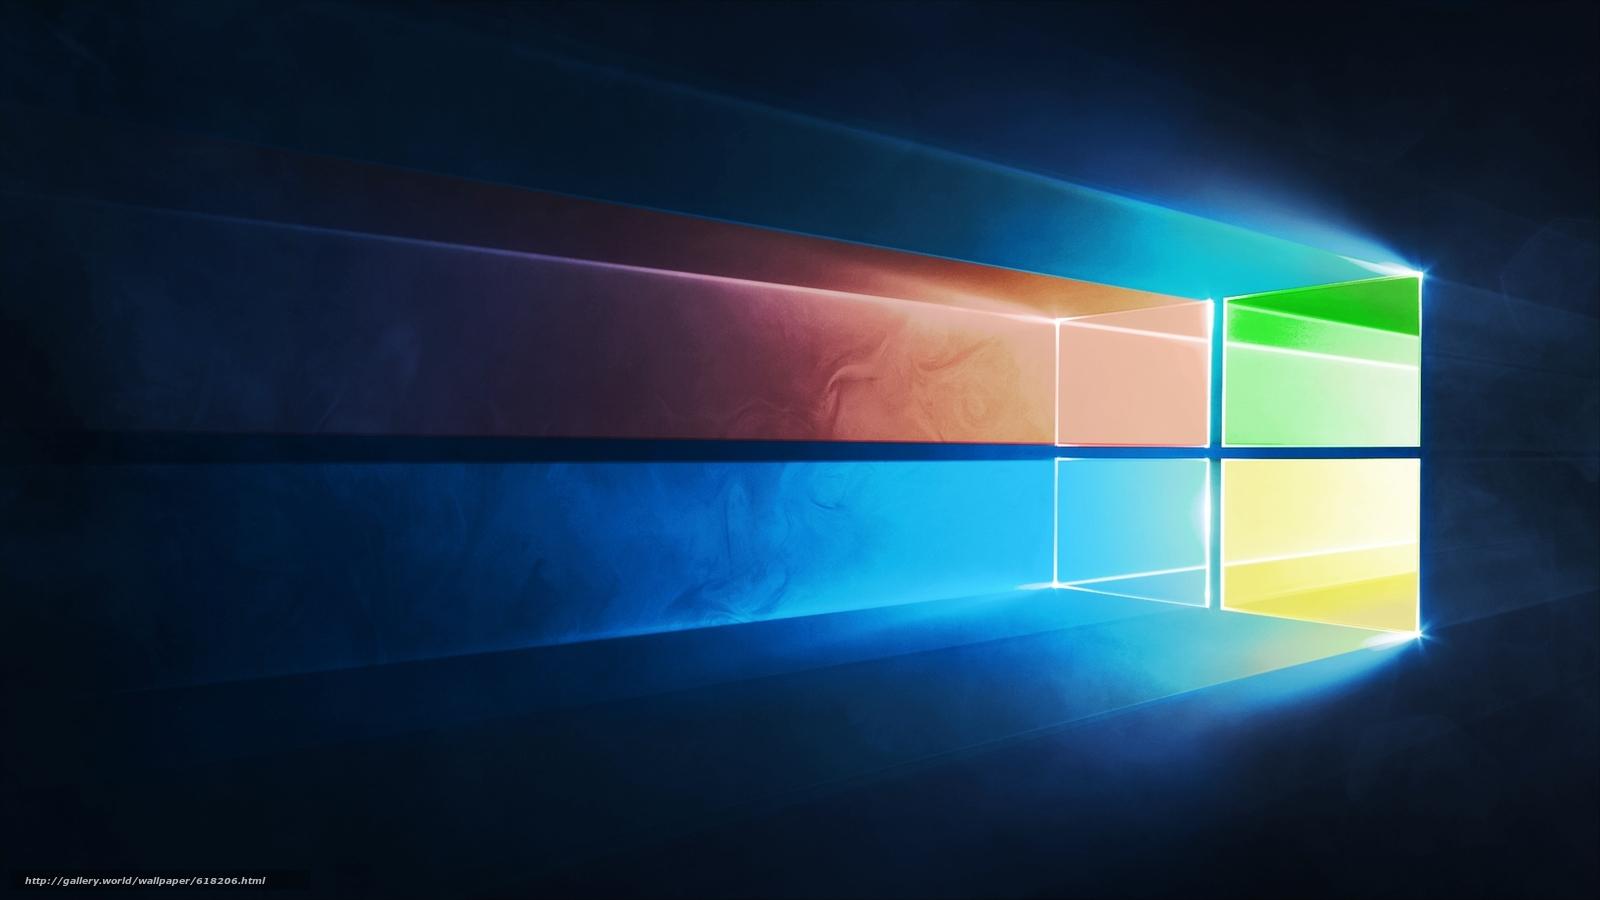 Скачать на телефон обои фото картинку на тему windows 10, wallpaper, обои, разширение 1920x1080